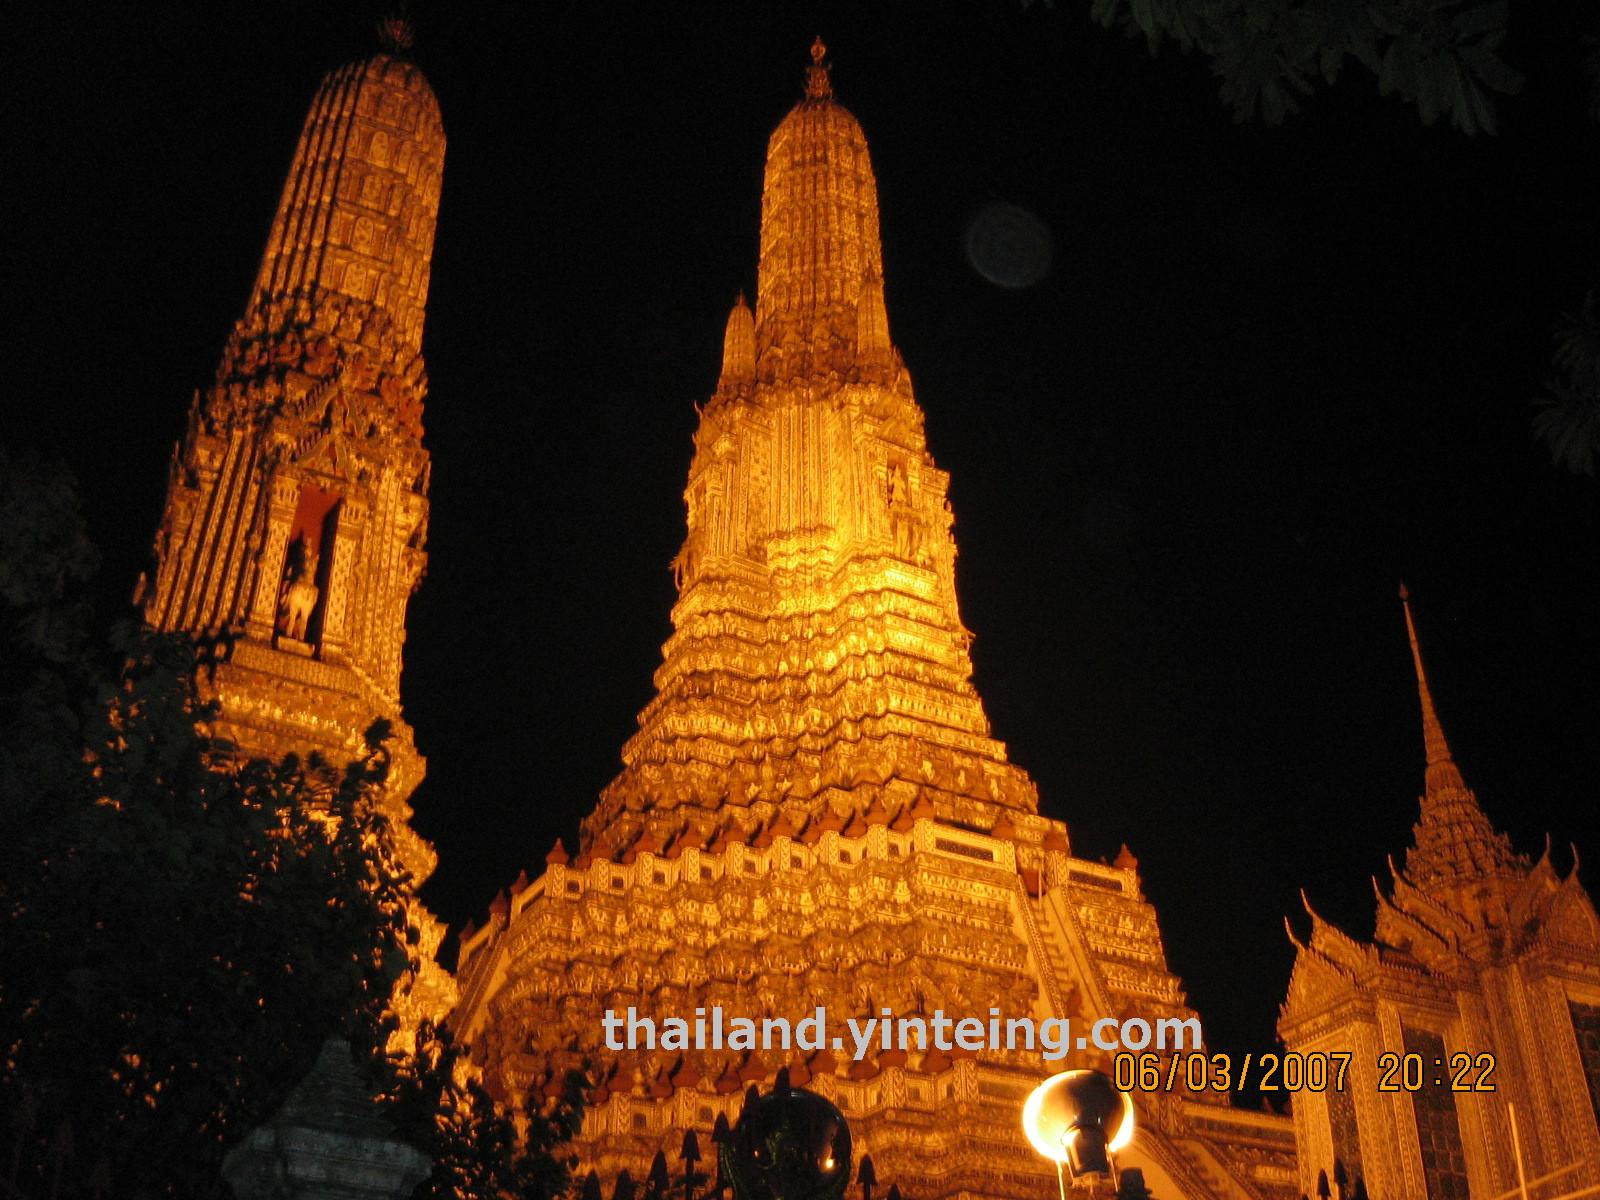 Wat Arun วัดอรุณ Bangkok (view at night)